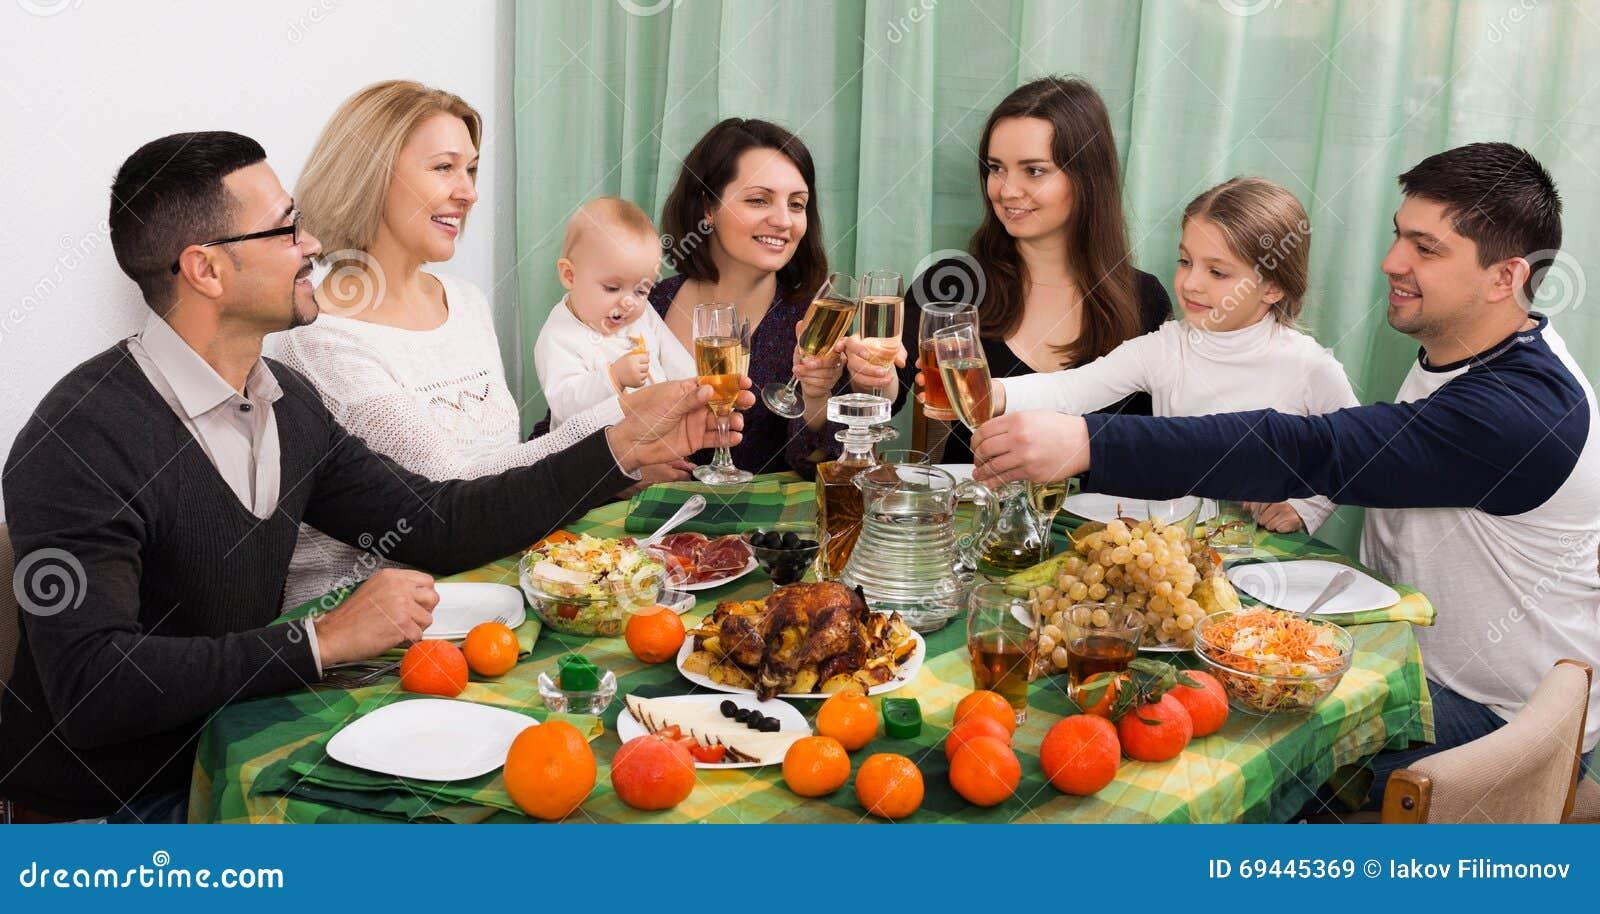 Evento della famiglia alla tavola fotografia stock immagine 69445369 - Alla tavola della longevita ...